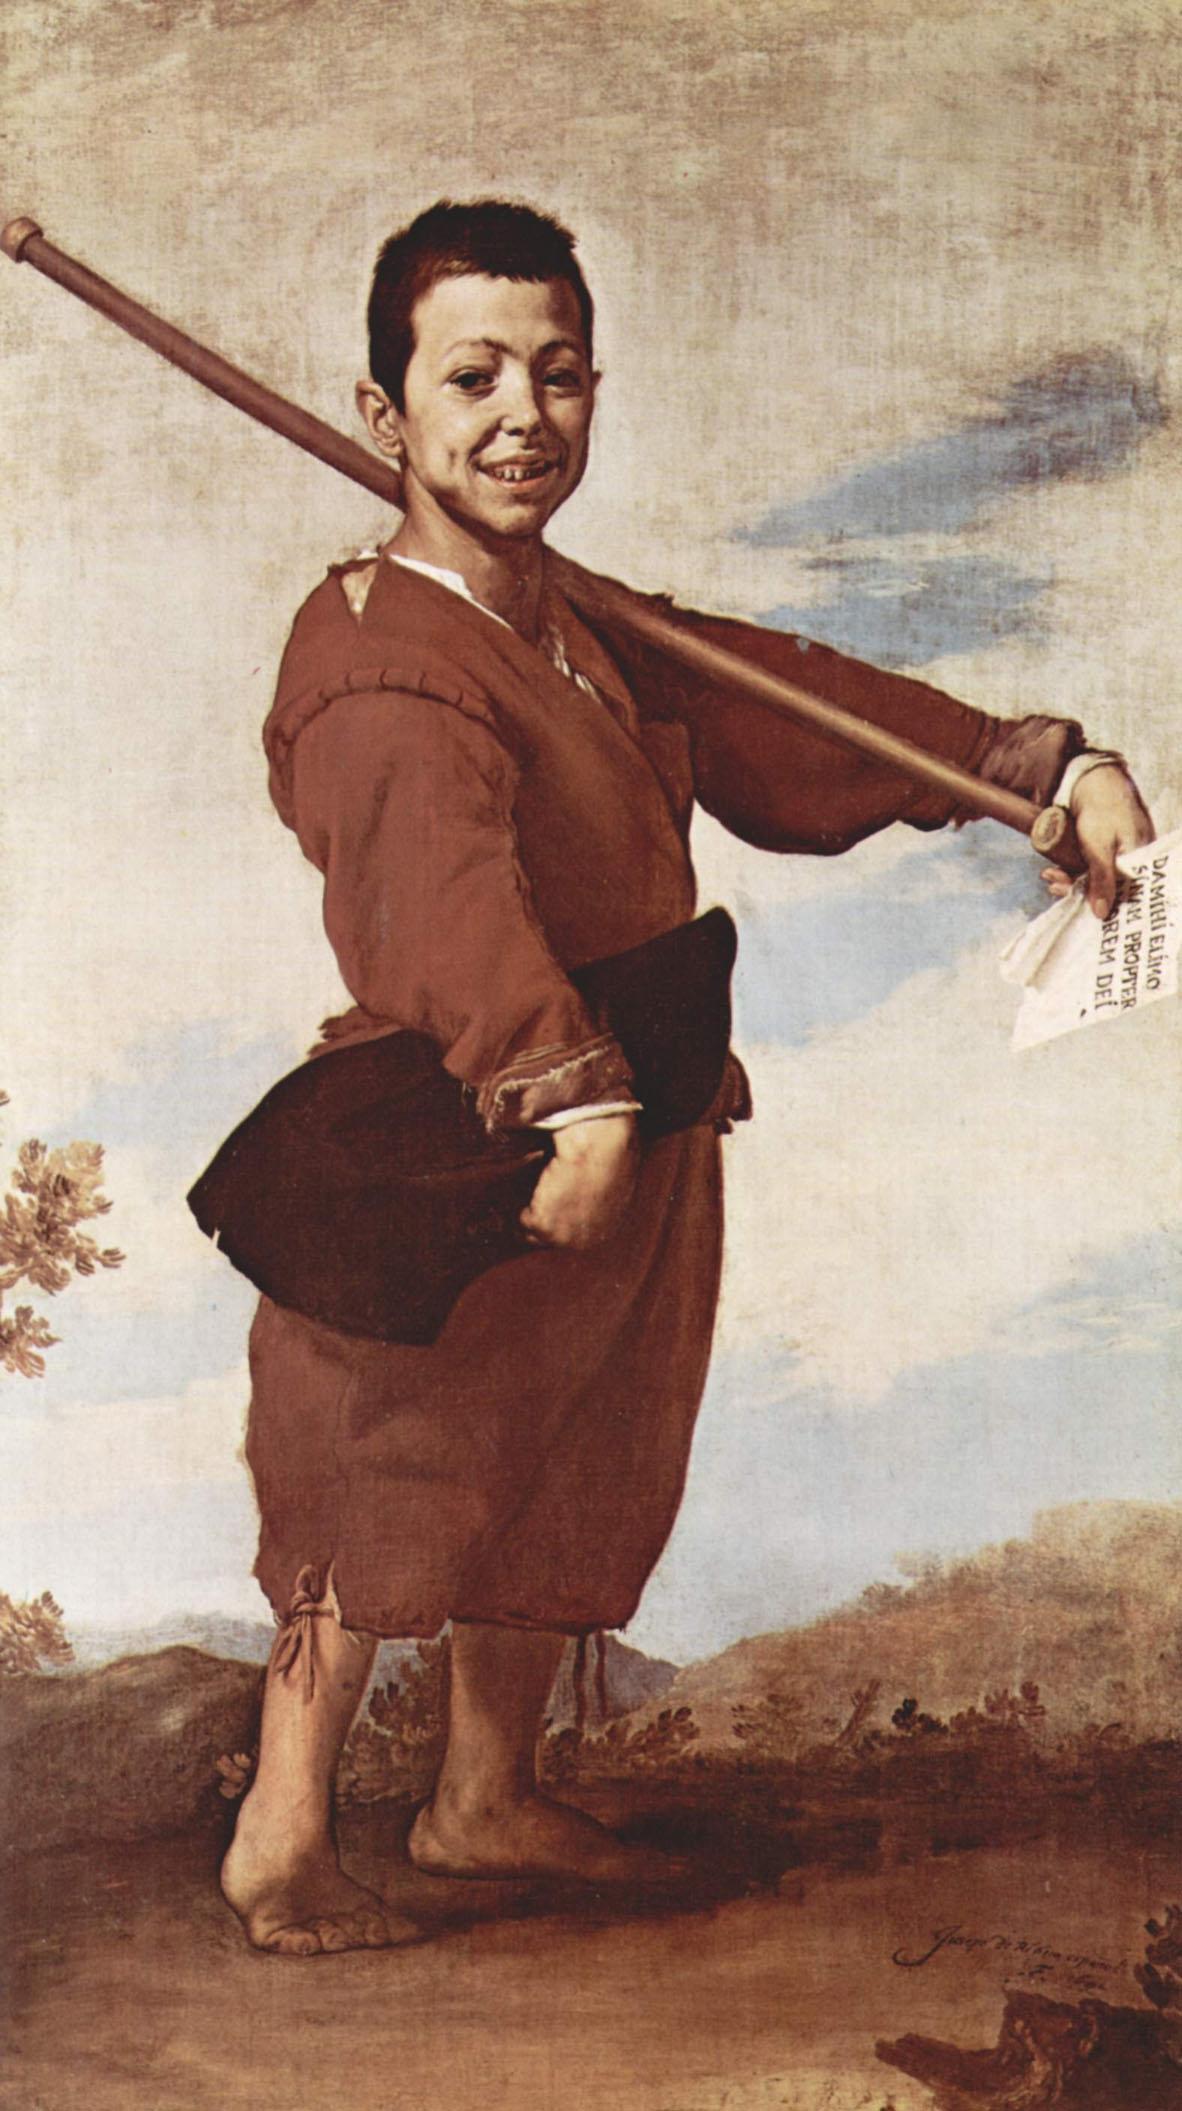 Le Pied-bot tableau peint par Jusepe Ribera